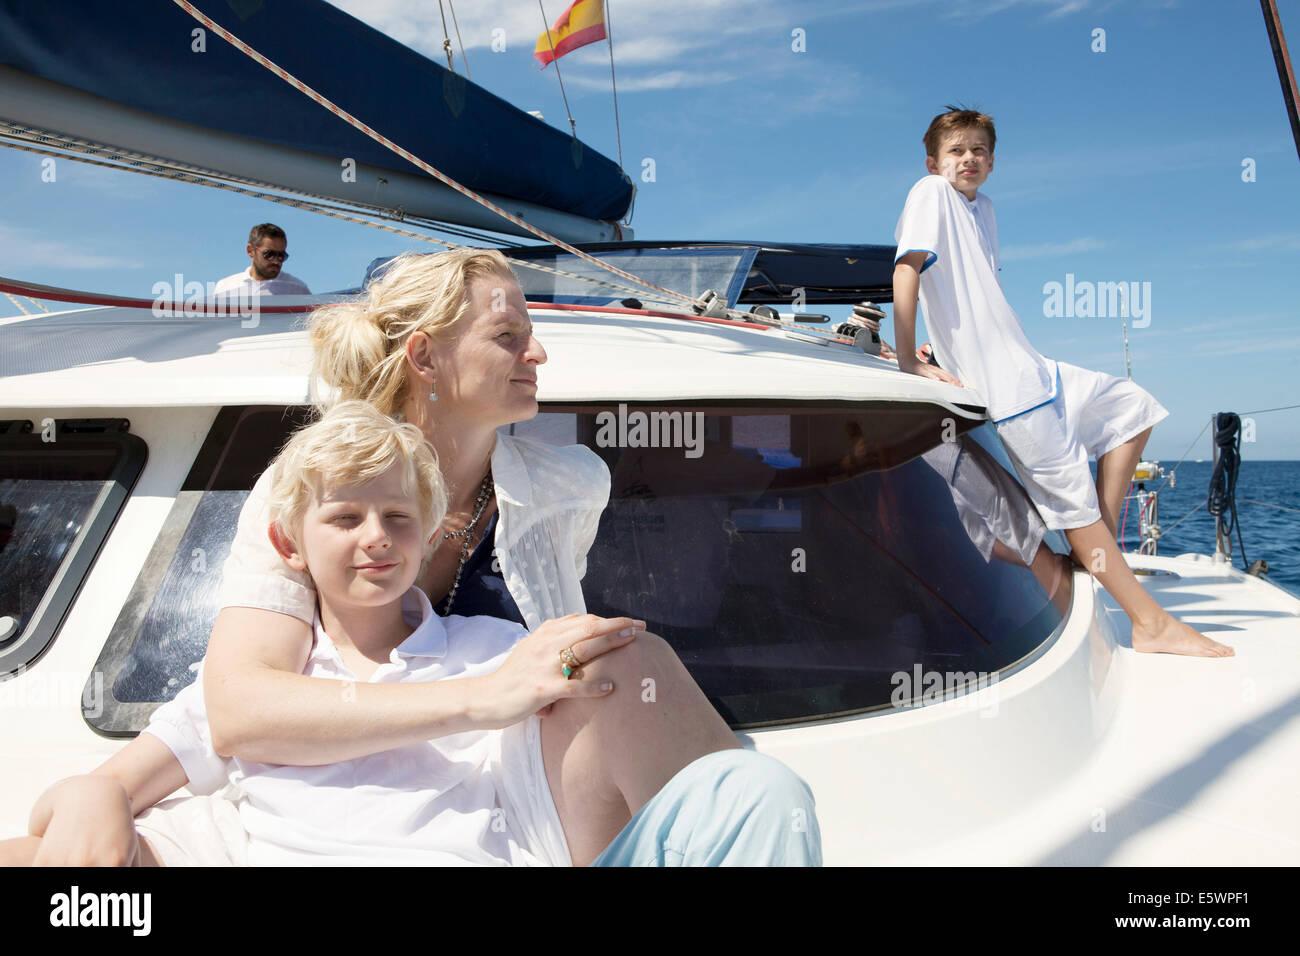 Los padres y los dos hijos de vela en catamarán, cerca de Fuerteventura, ESPAÑA Imagen De Stock